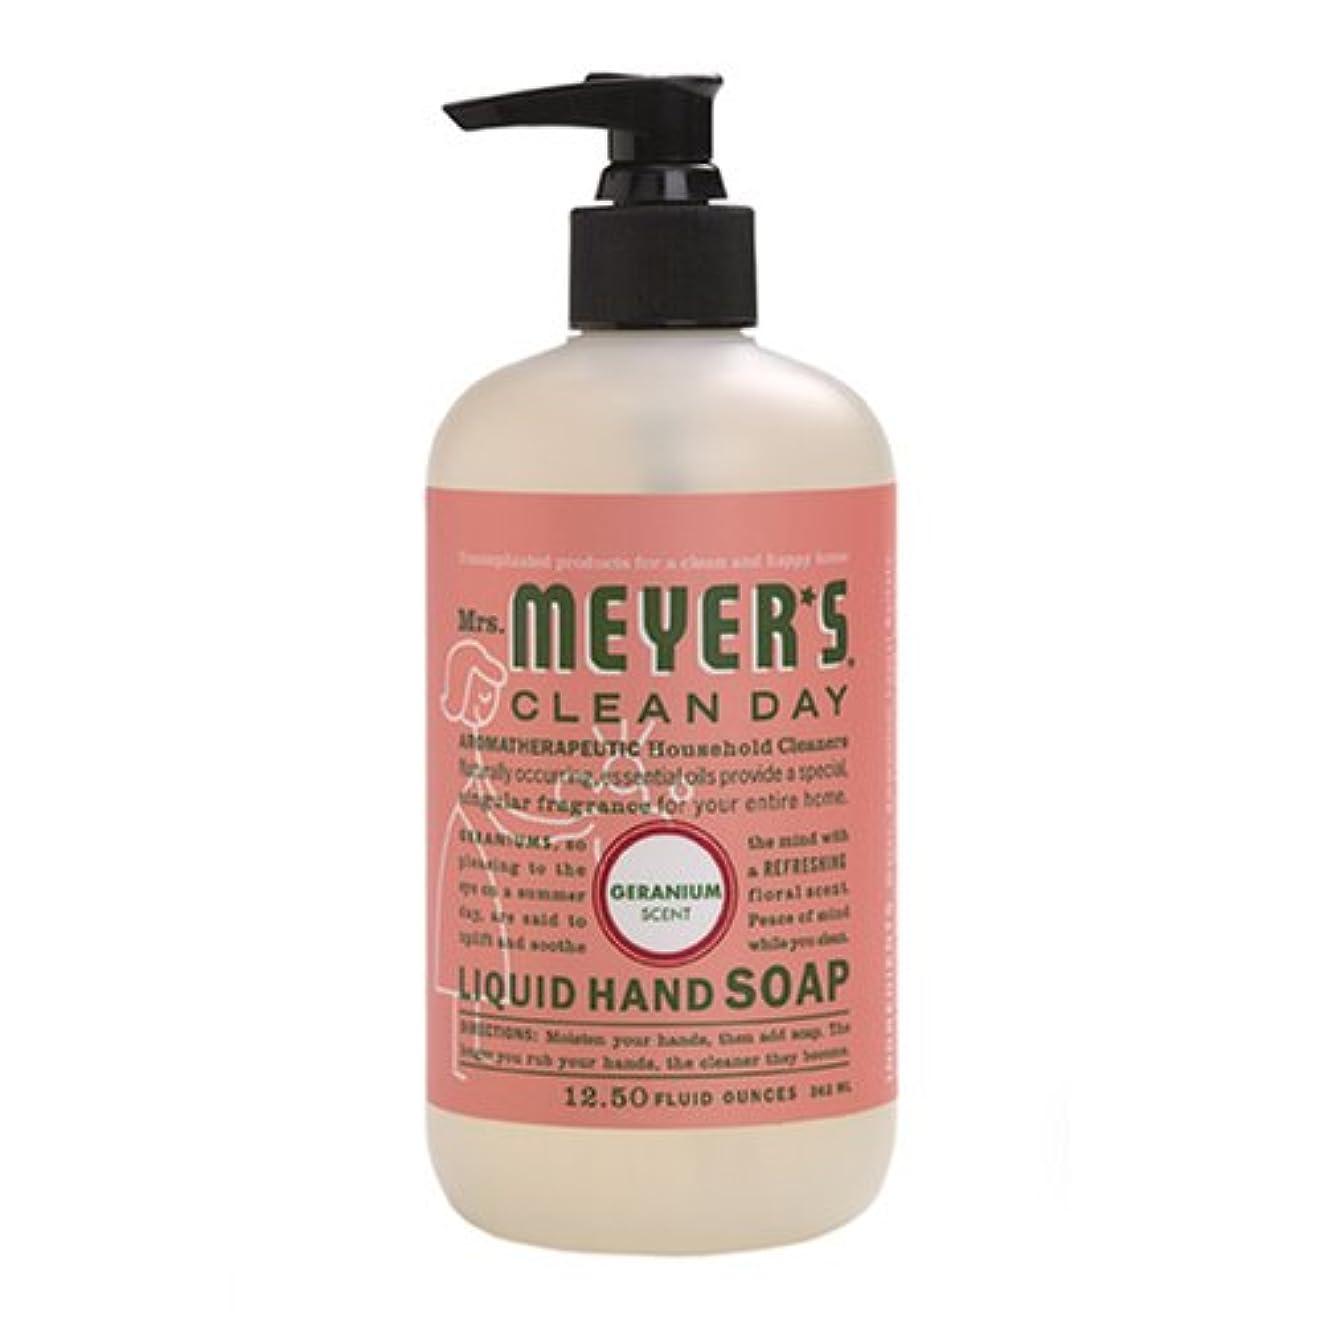 ヘビー解明する影響を受けやすいですMrs. Meyers Clean Day, Liquid Hand Soap, Geranium Scent, 12.5 fl oz (370 ml)